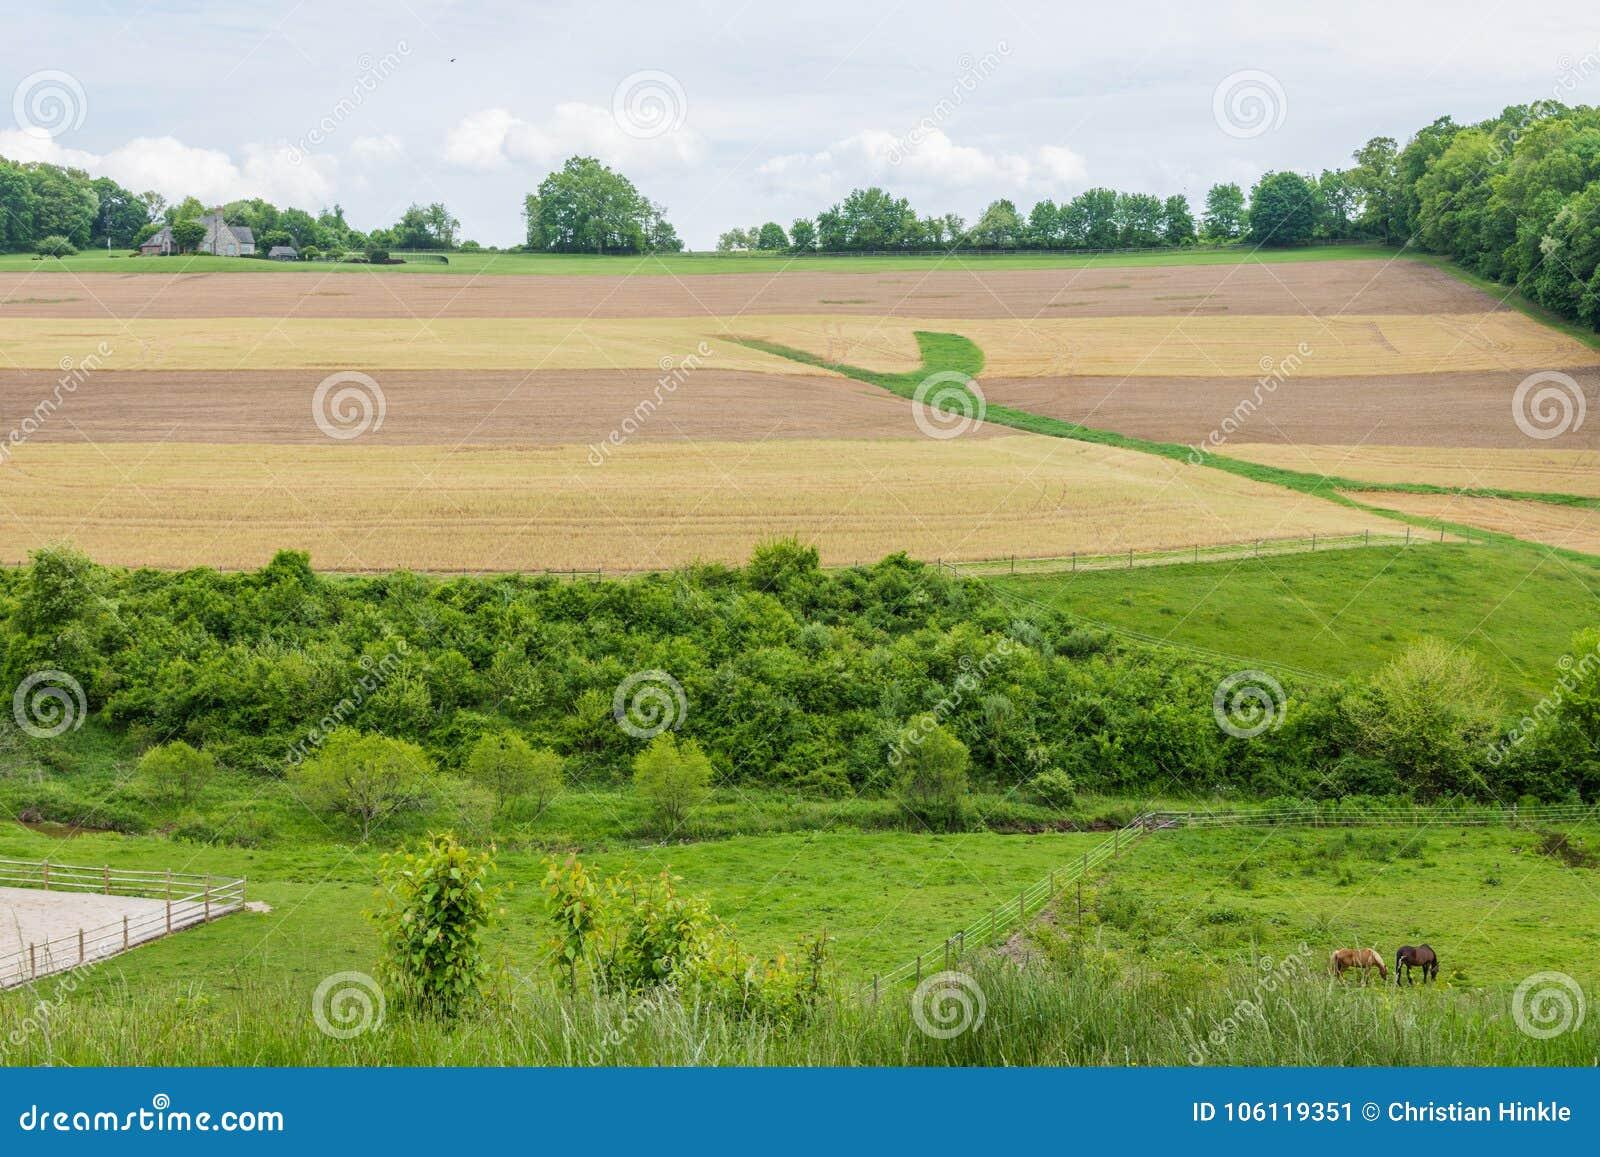 Καλλιεργήσιμο έδαφος που περιβάλλει το πάρκο του William Kain στη κομητεία της Υόρκης, Pennsylva